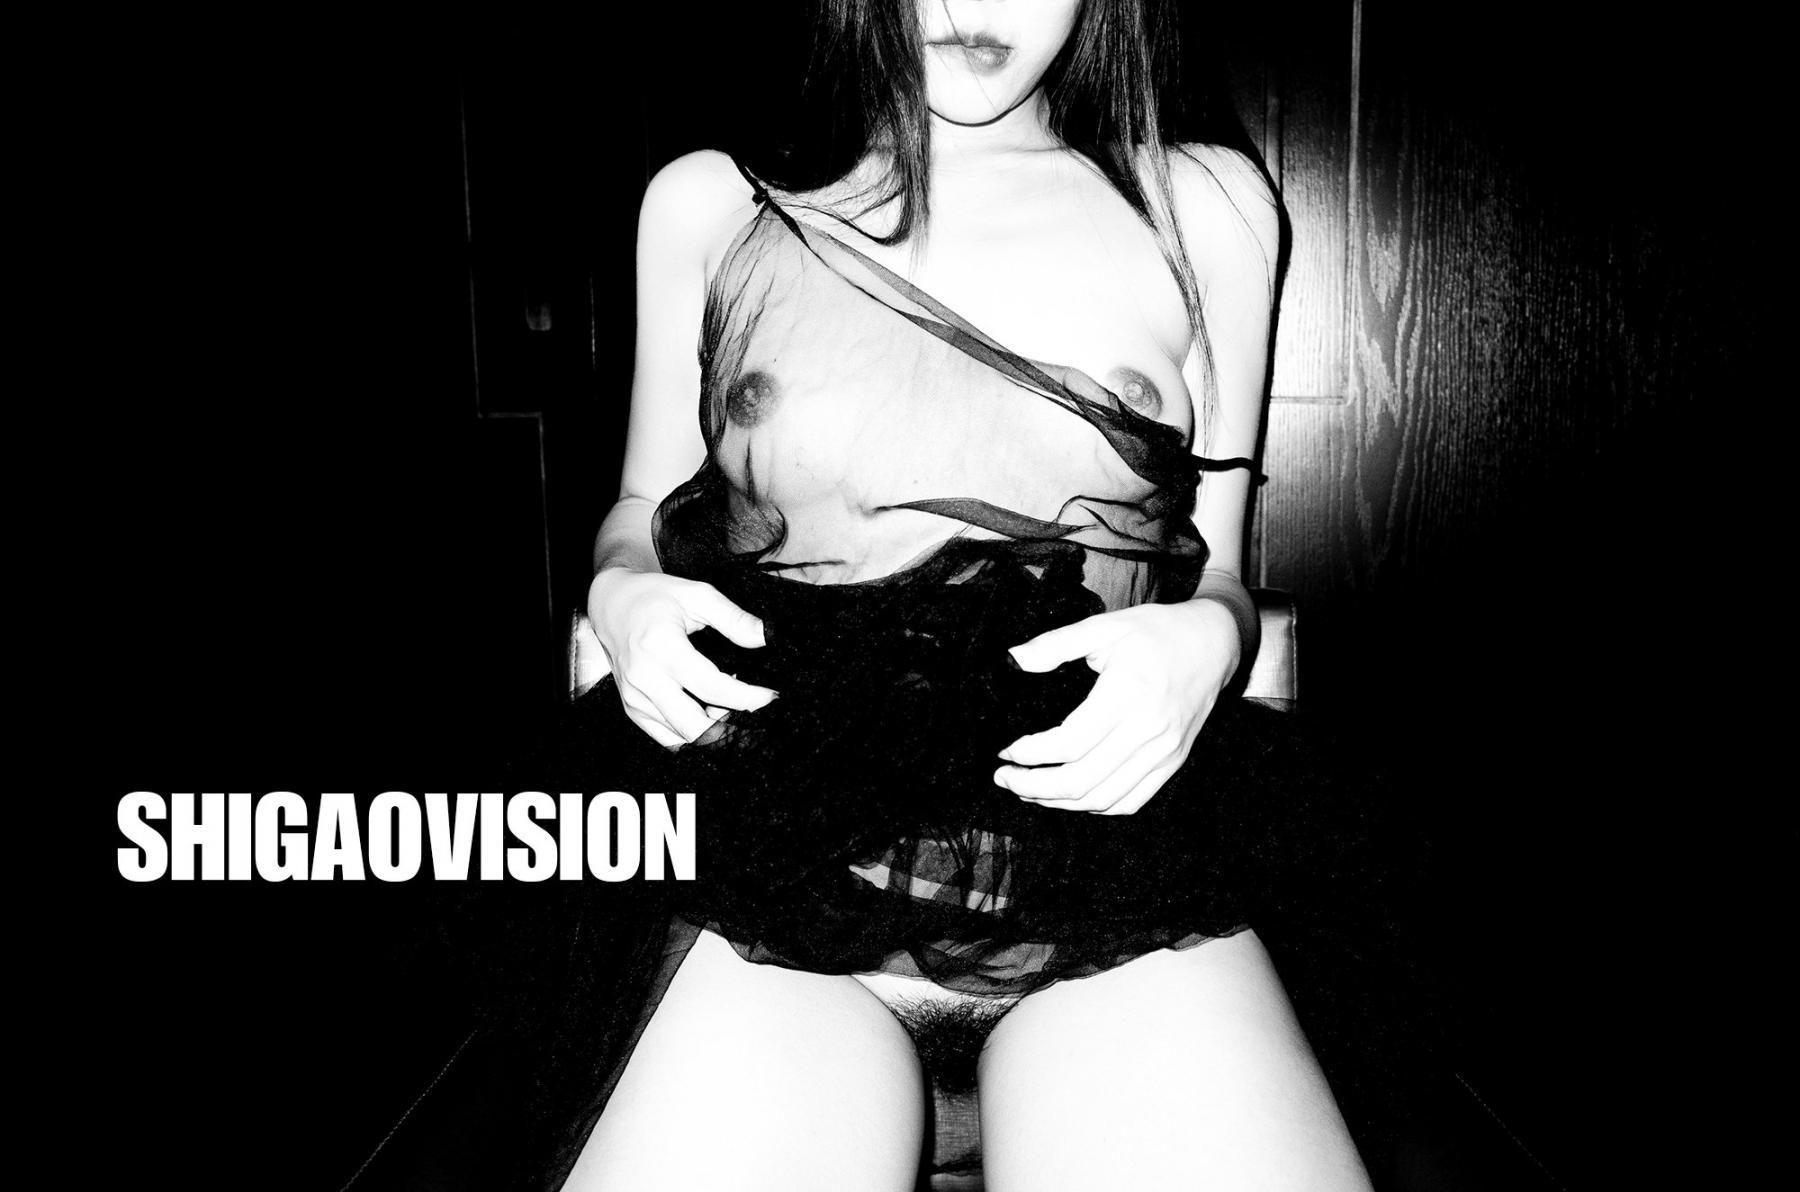 [Shigaovision] Boobs Collection - (92P)